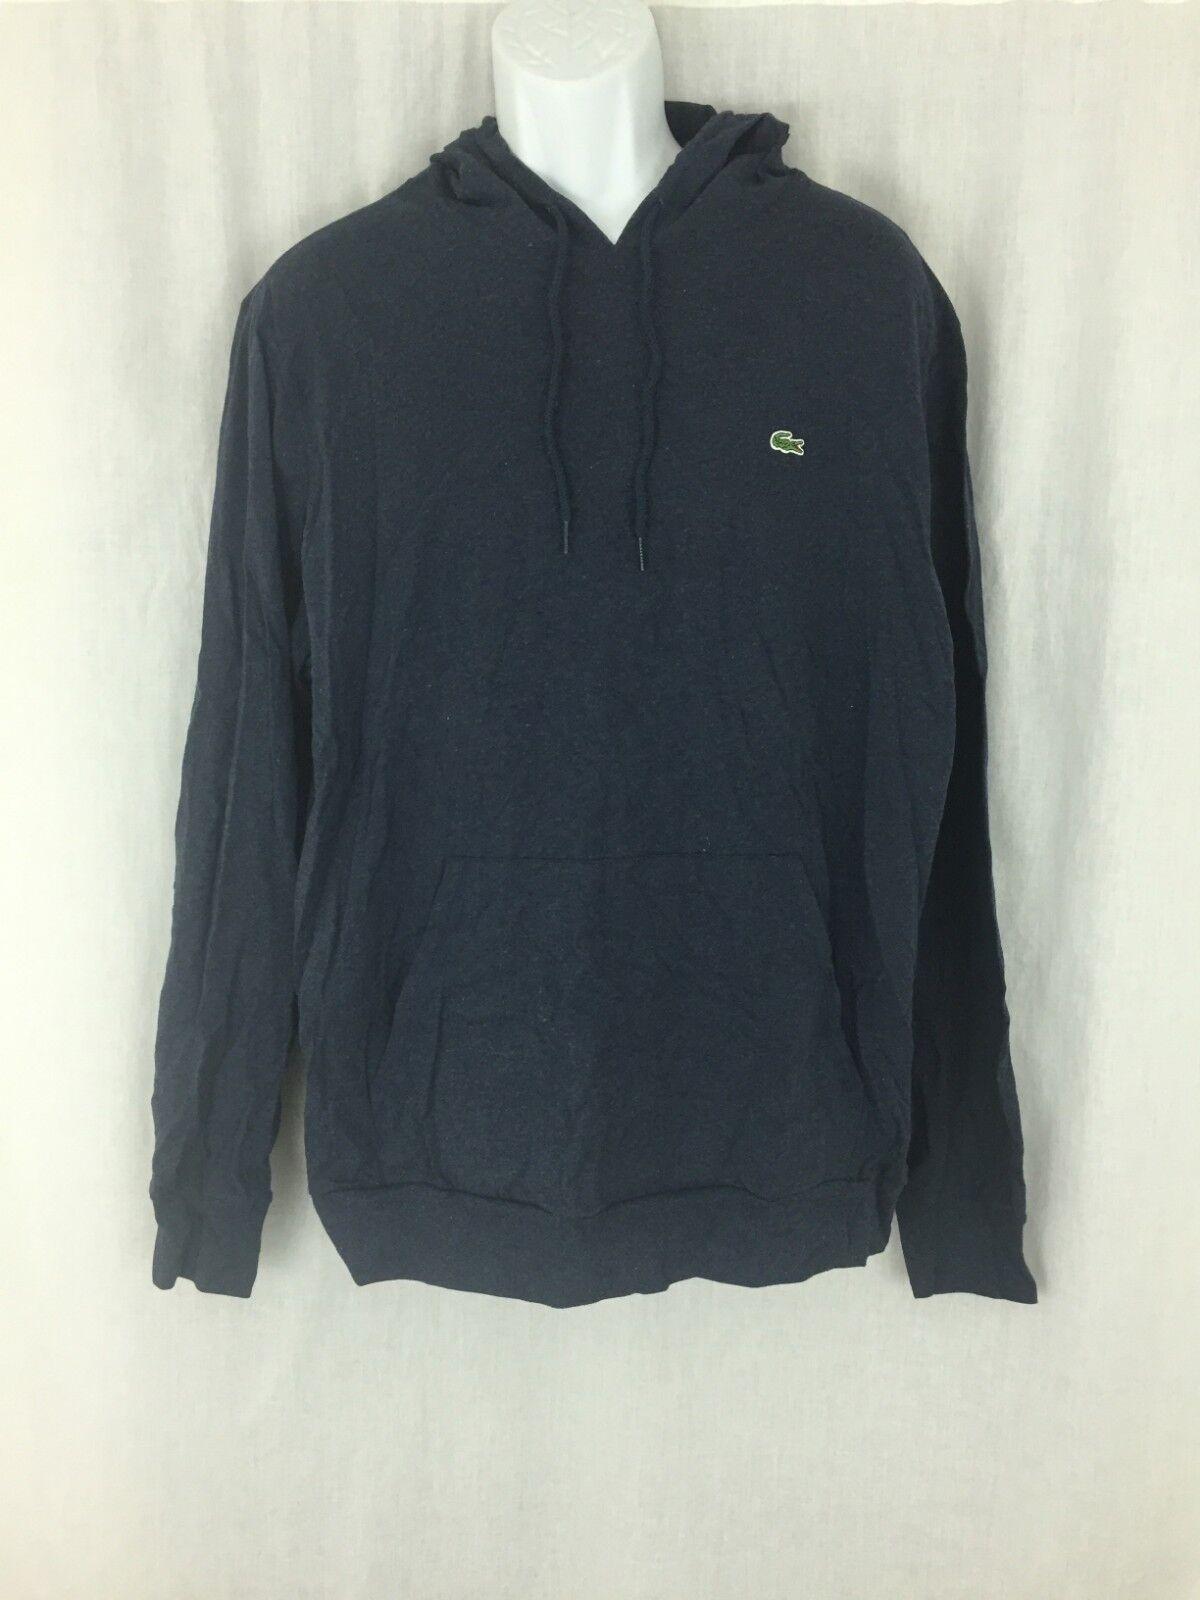 Men Lacoste indigo Blau light weight hoodie pullover sweatshirt Größe 7/ XL New